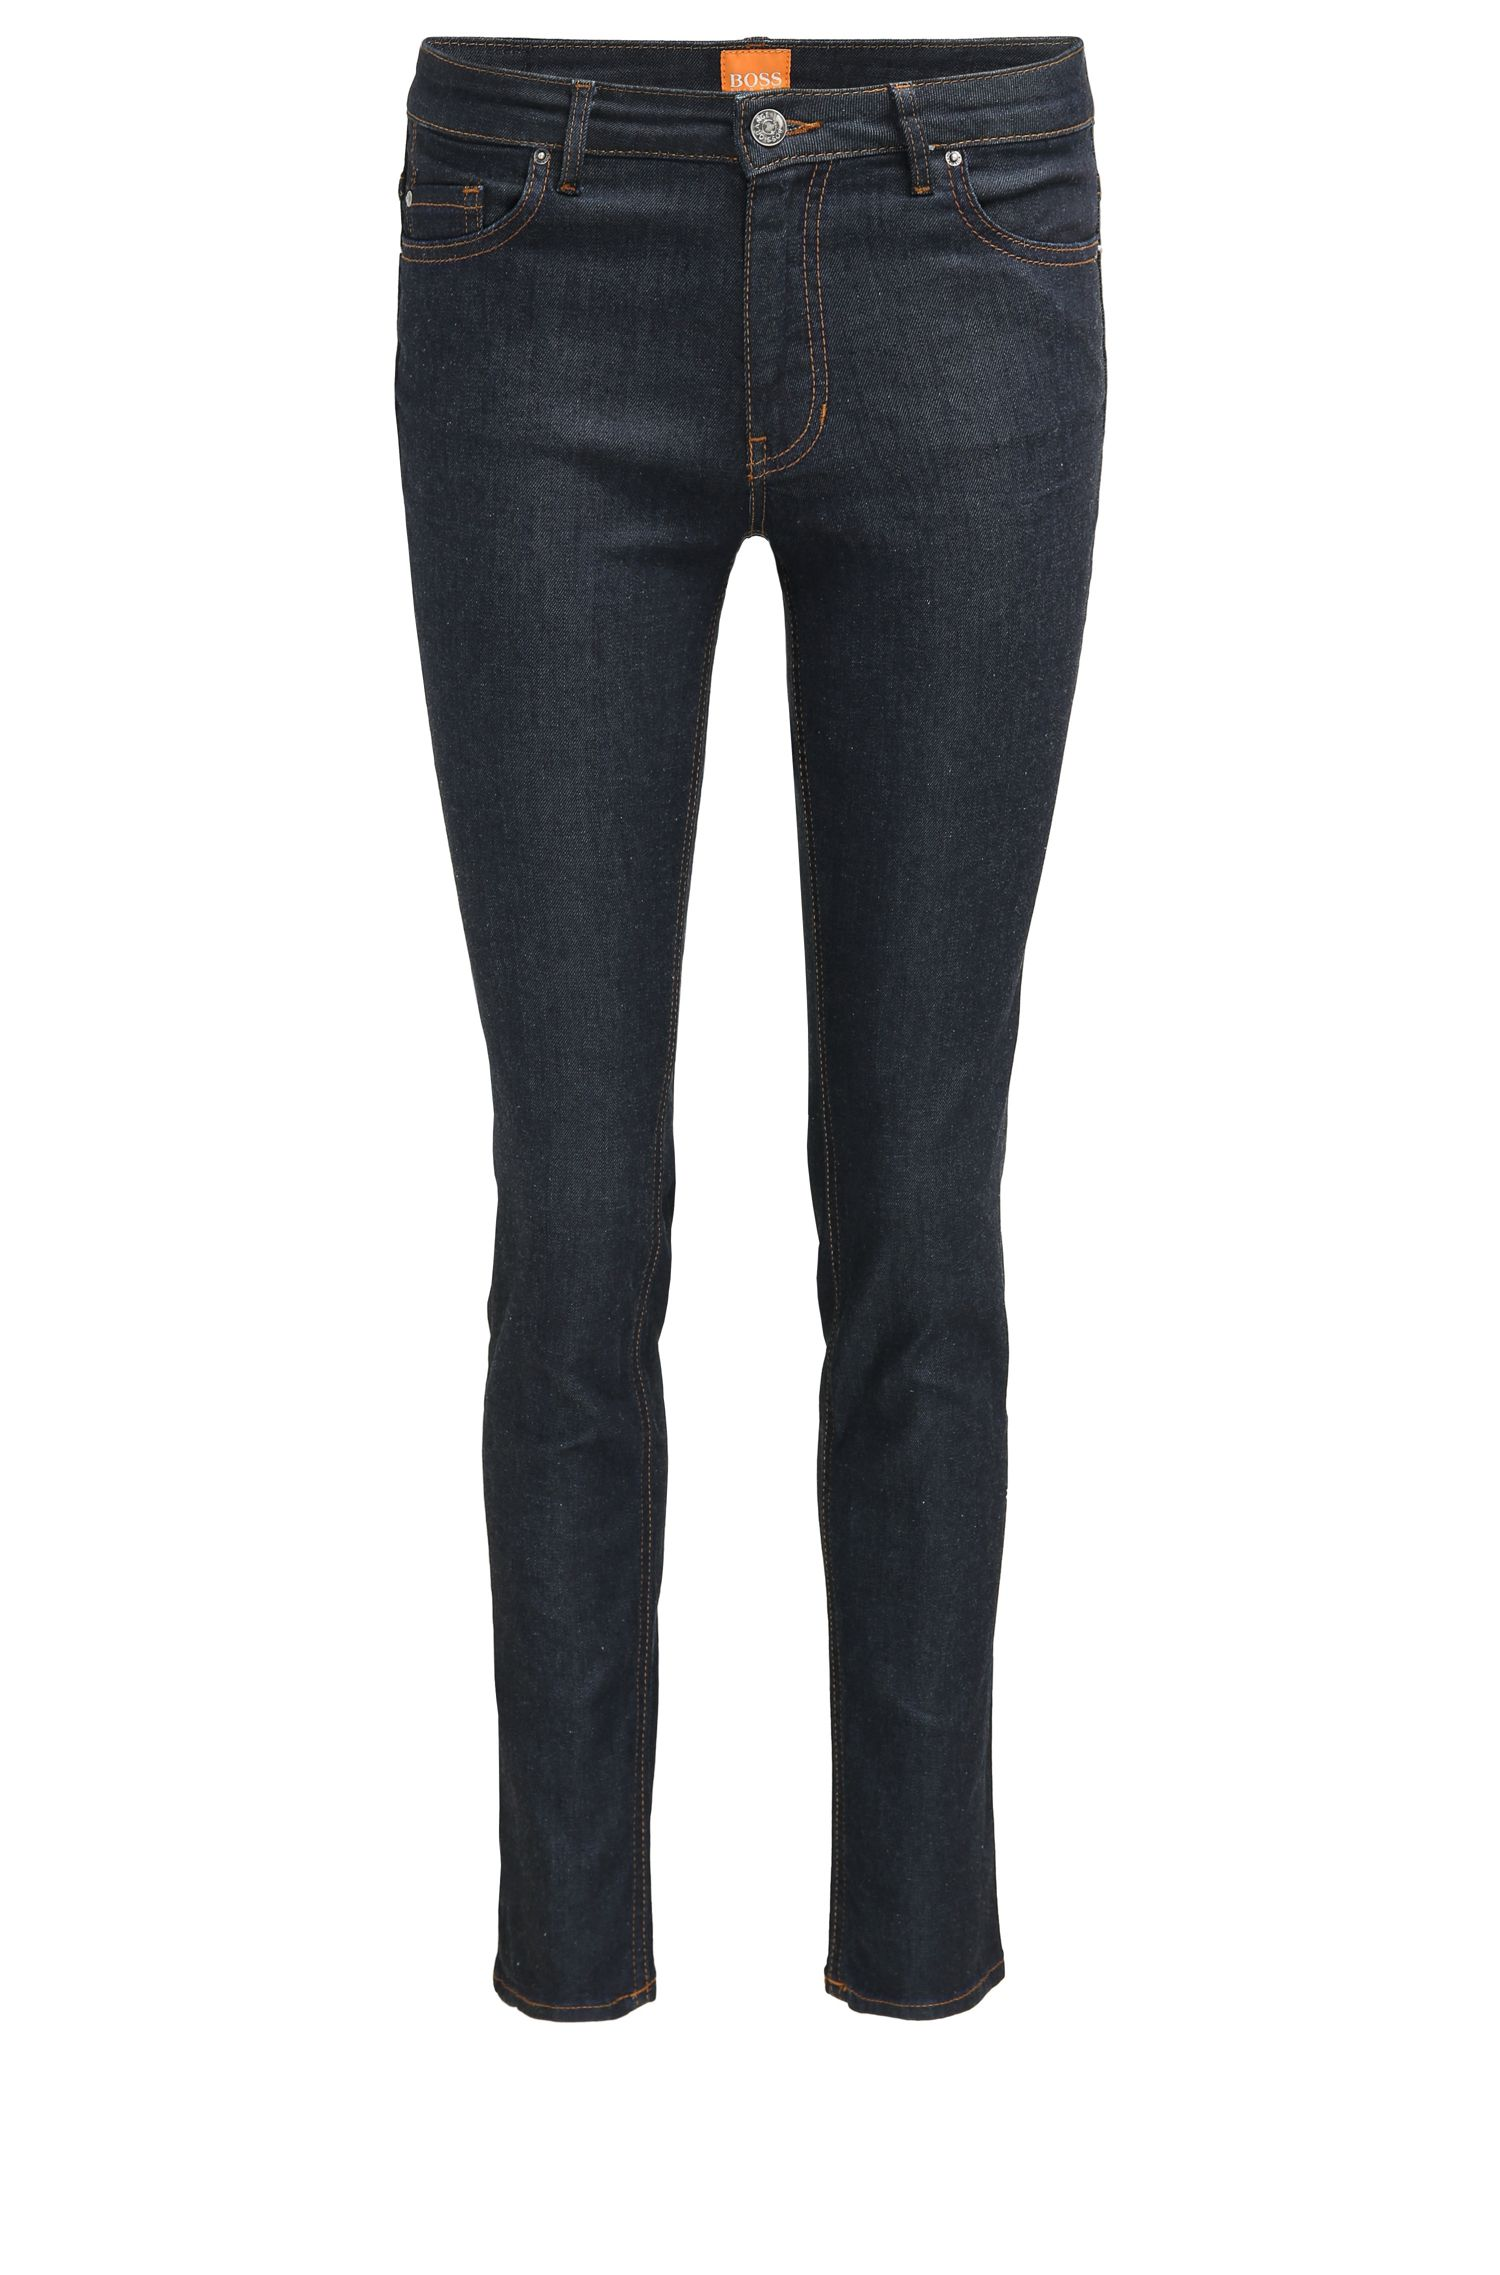 Jeans slim fit in denim elasticizzato grezzo